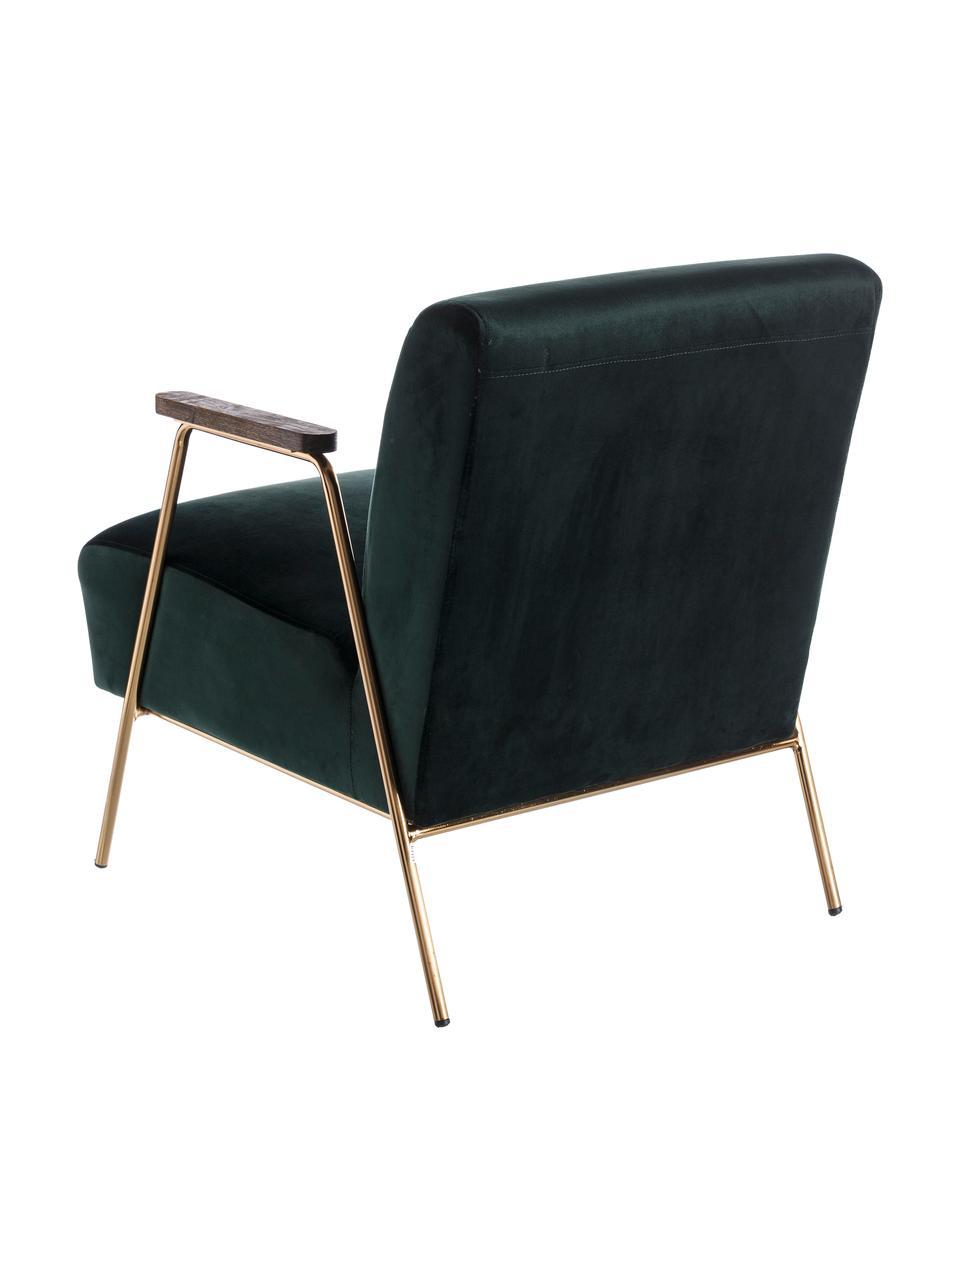 Fotel koktajlowy z aksamitu Bettina, Tapicerka: 100% aksamit poliestrowy,, Nogi: metal, Ciemnyzielony, S 76 x G 60 cm